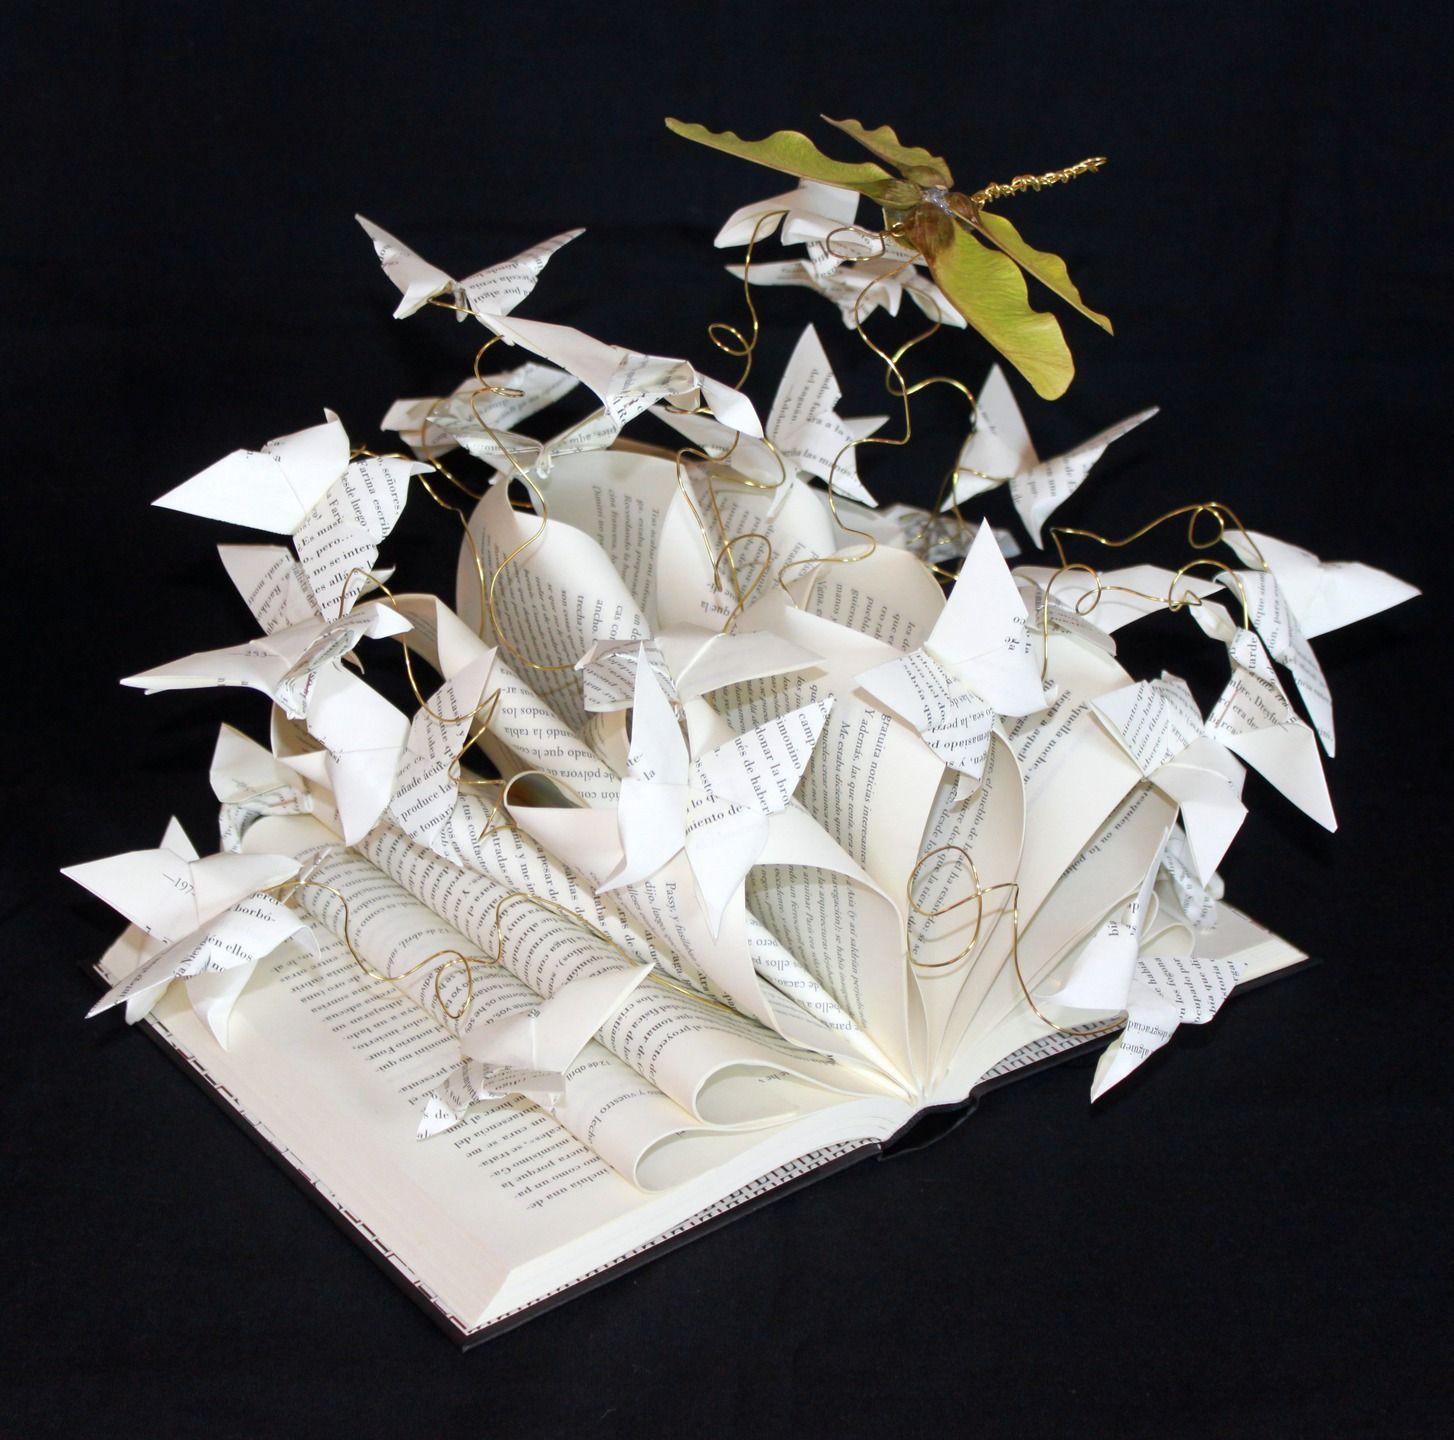 Jeune Livre d'artiste, Sculpture en papier pour amateurs d'origami RL-25